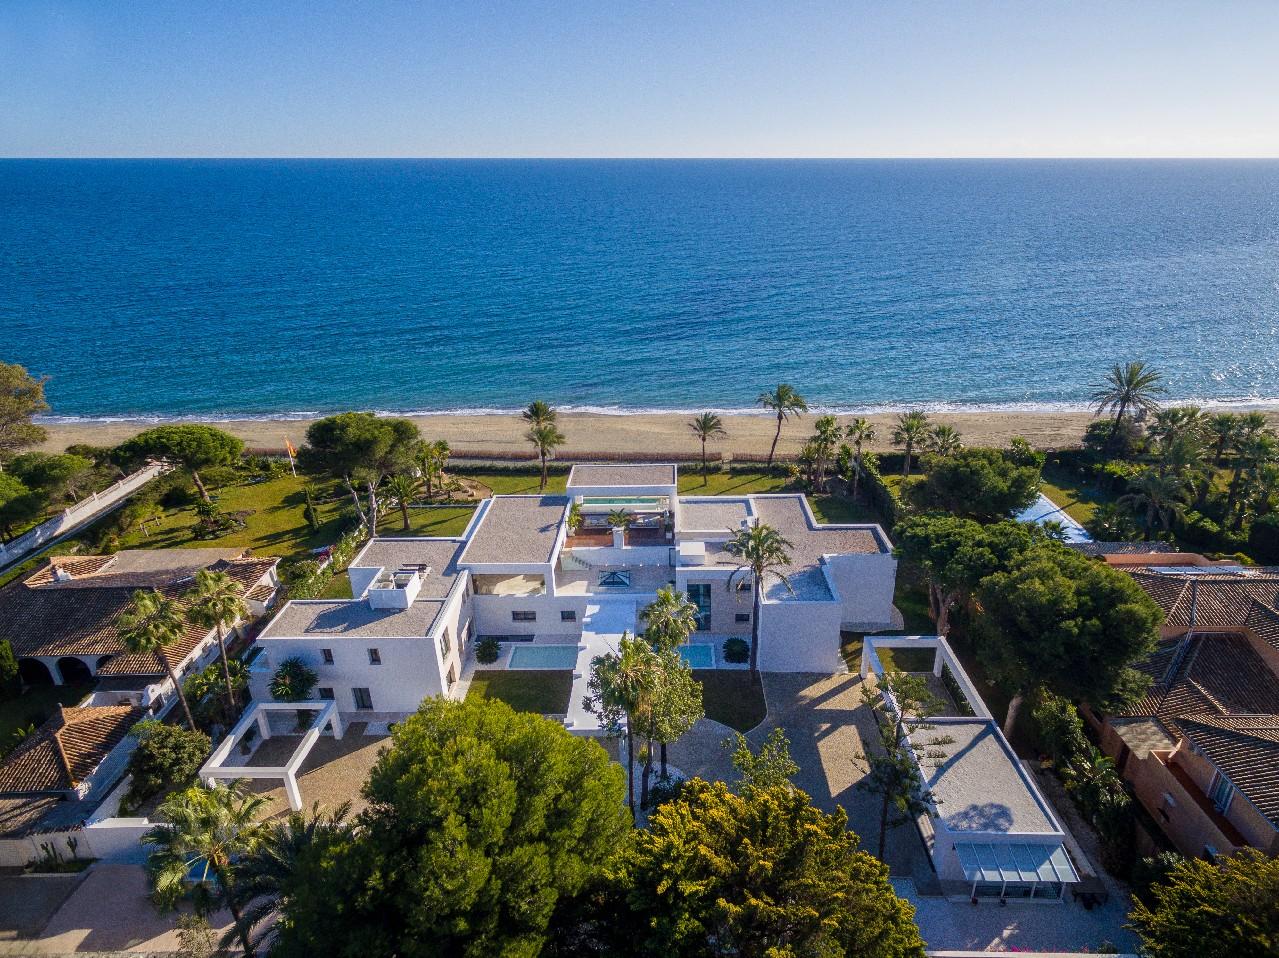 SOLD! Unique gem right on the beach - villa for sale near Estepona